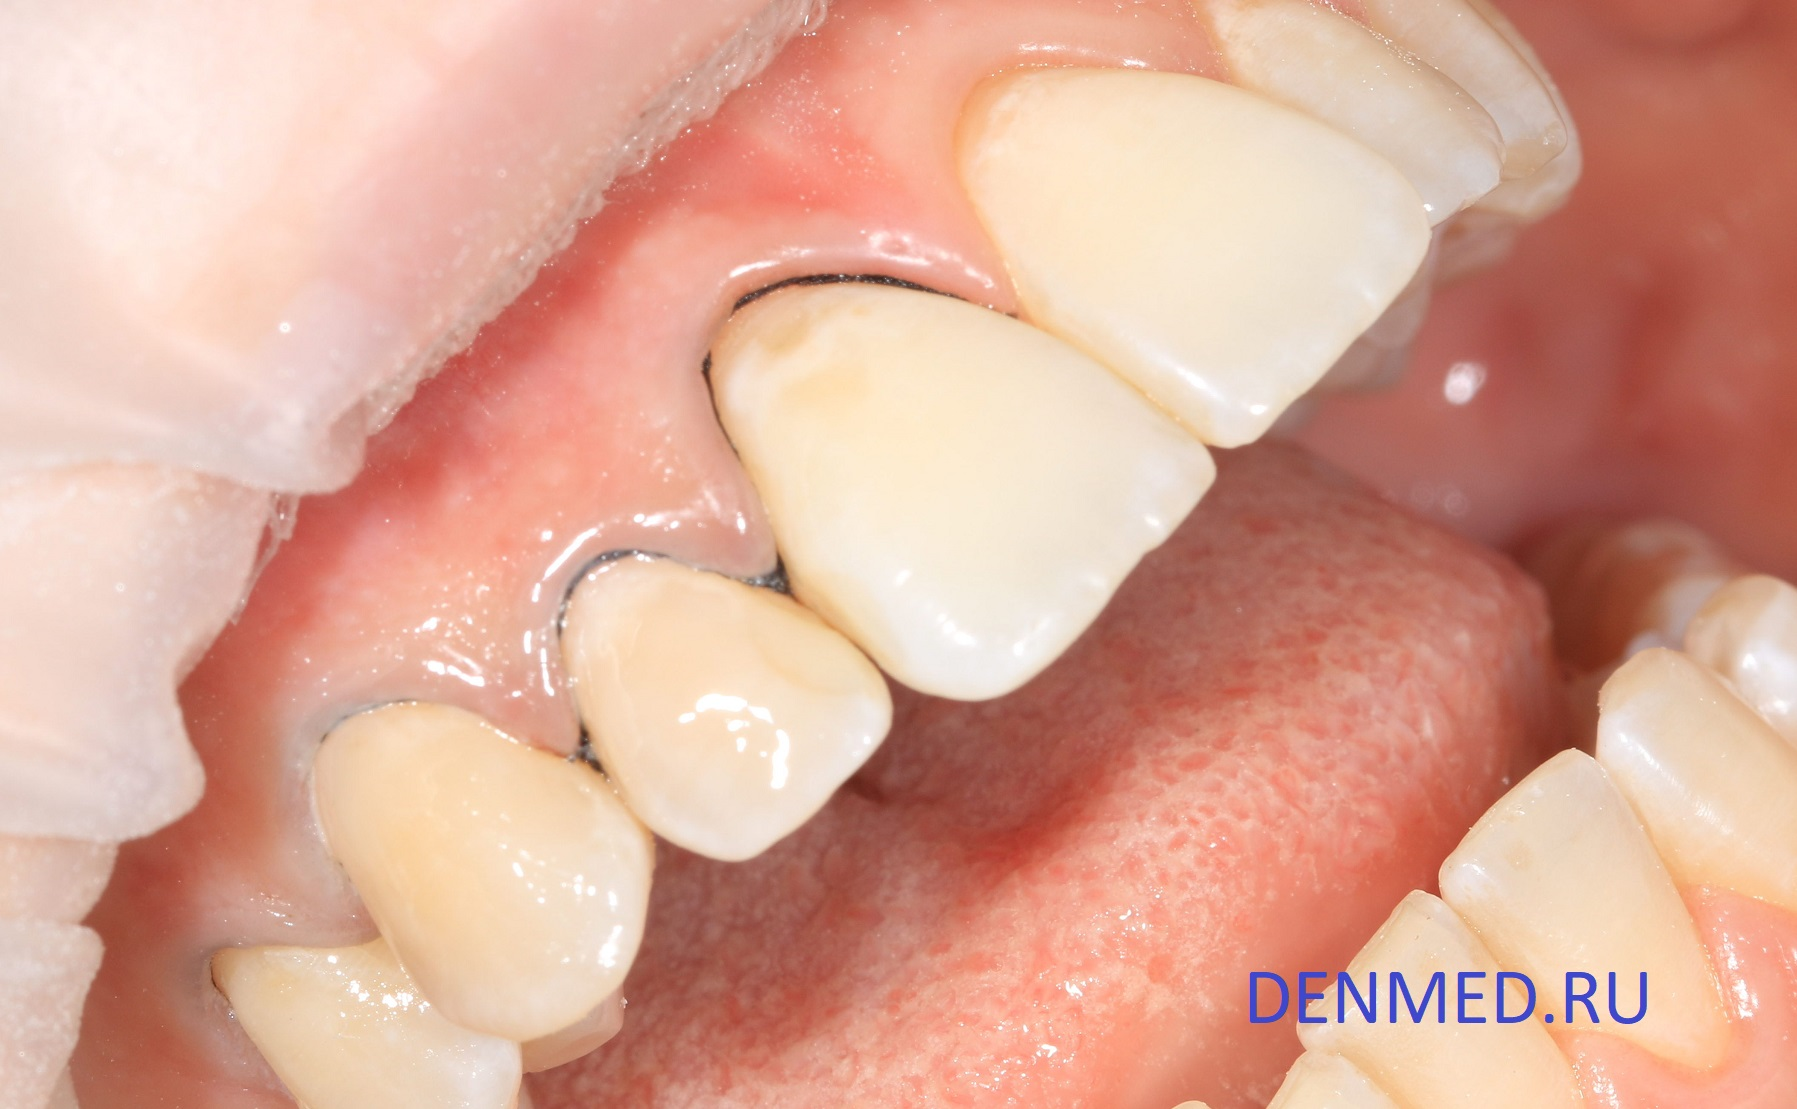 Вид обработанной пескоструем эмали. В зубодесневую борозду установлена ретракционная нить для изолции десны от поверхности зуба